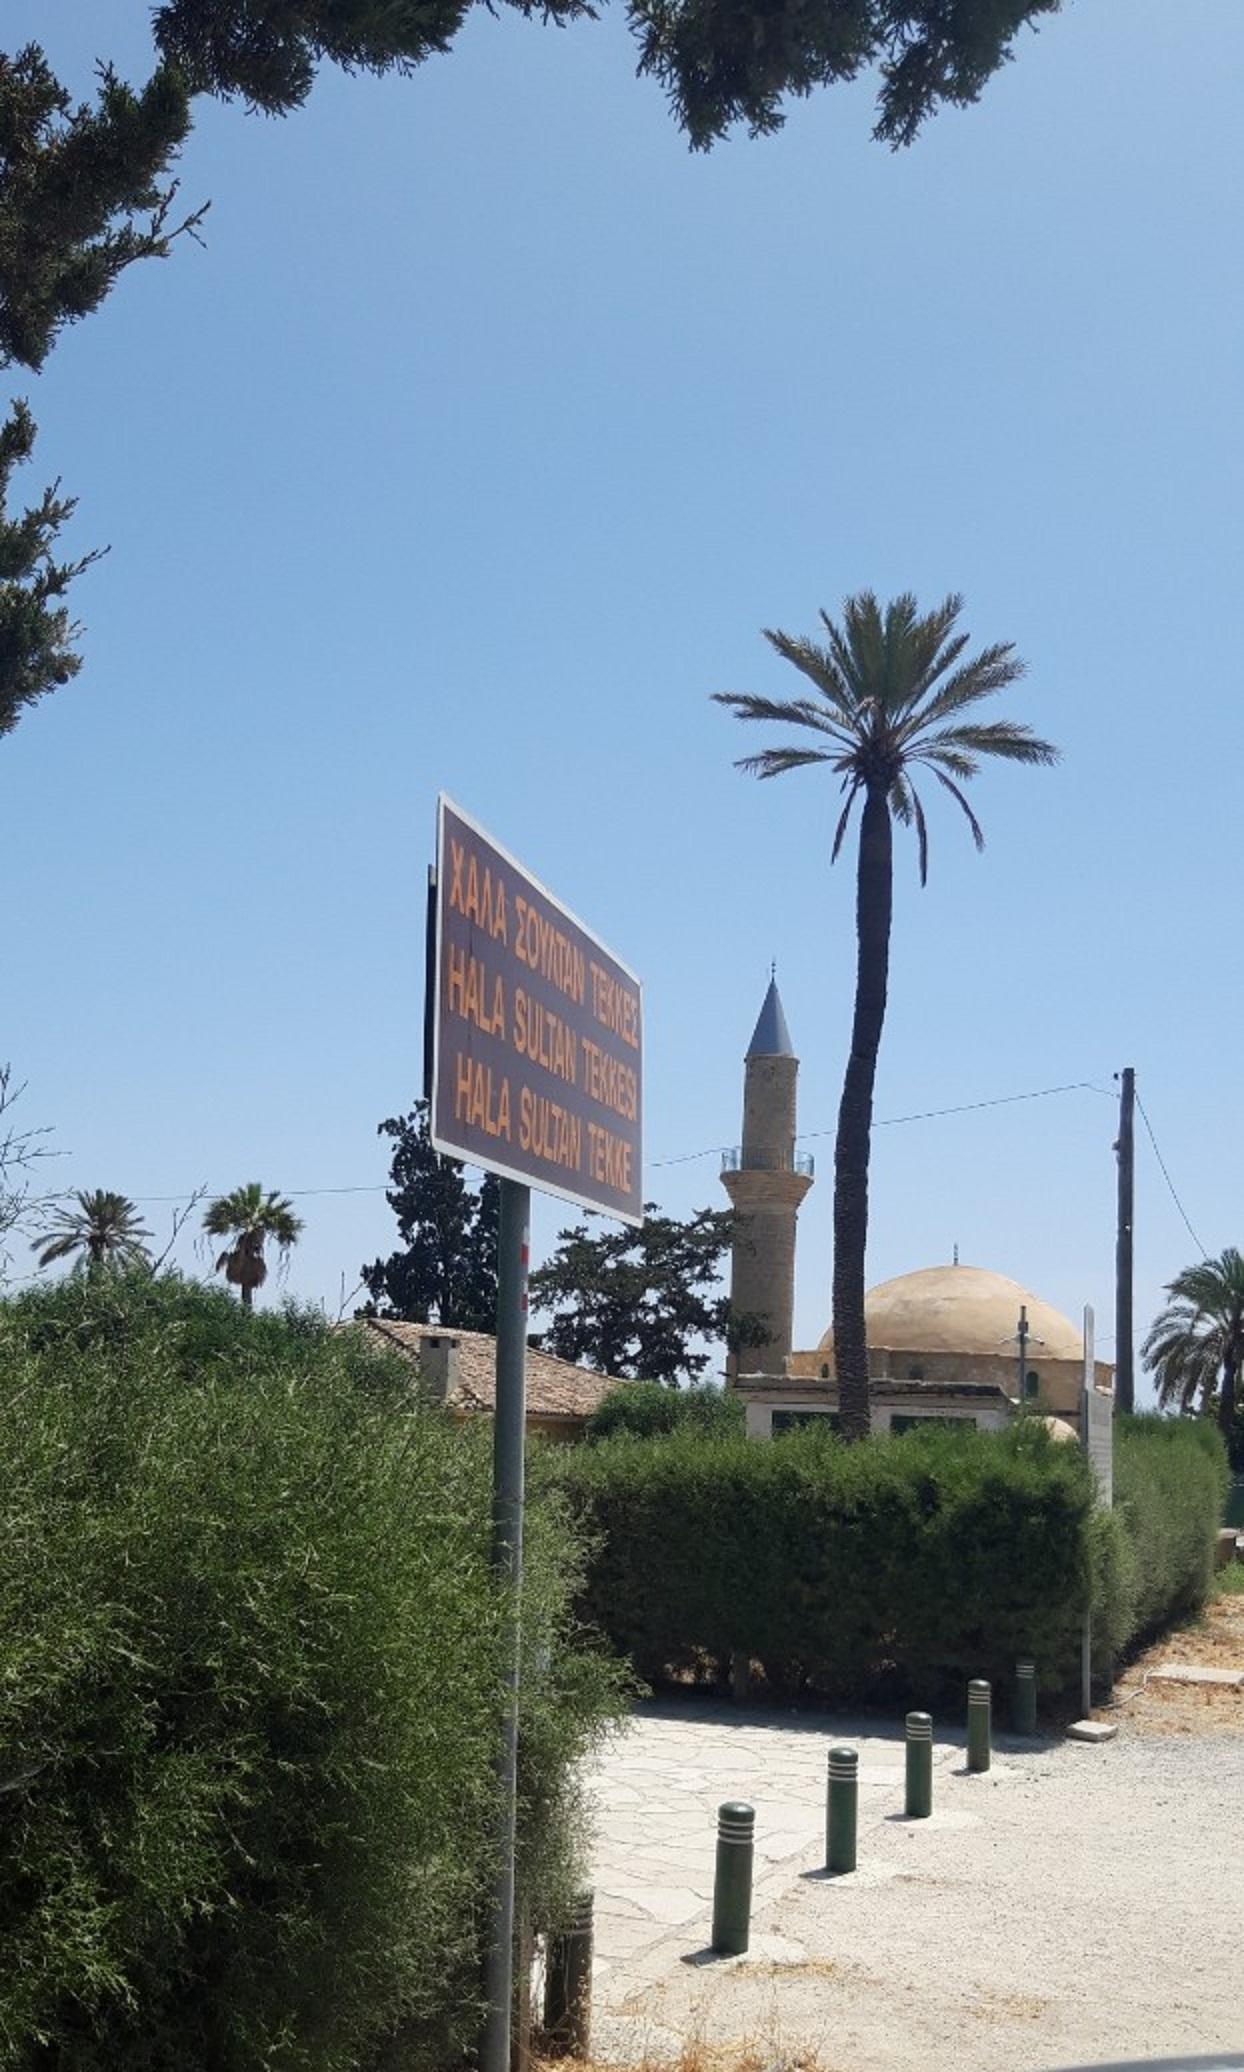 Κλείνει σήμερα το τέμενος Χαλά Σουλτάν λόγω Κουρμπάν Μπαϊράμ